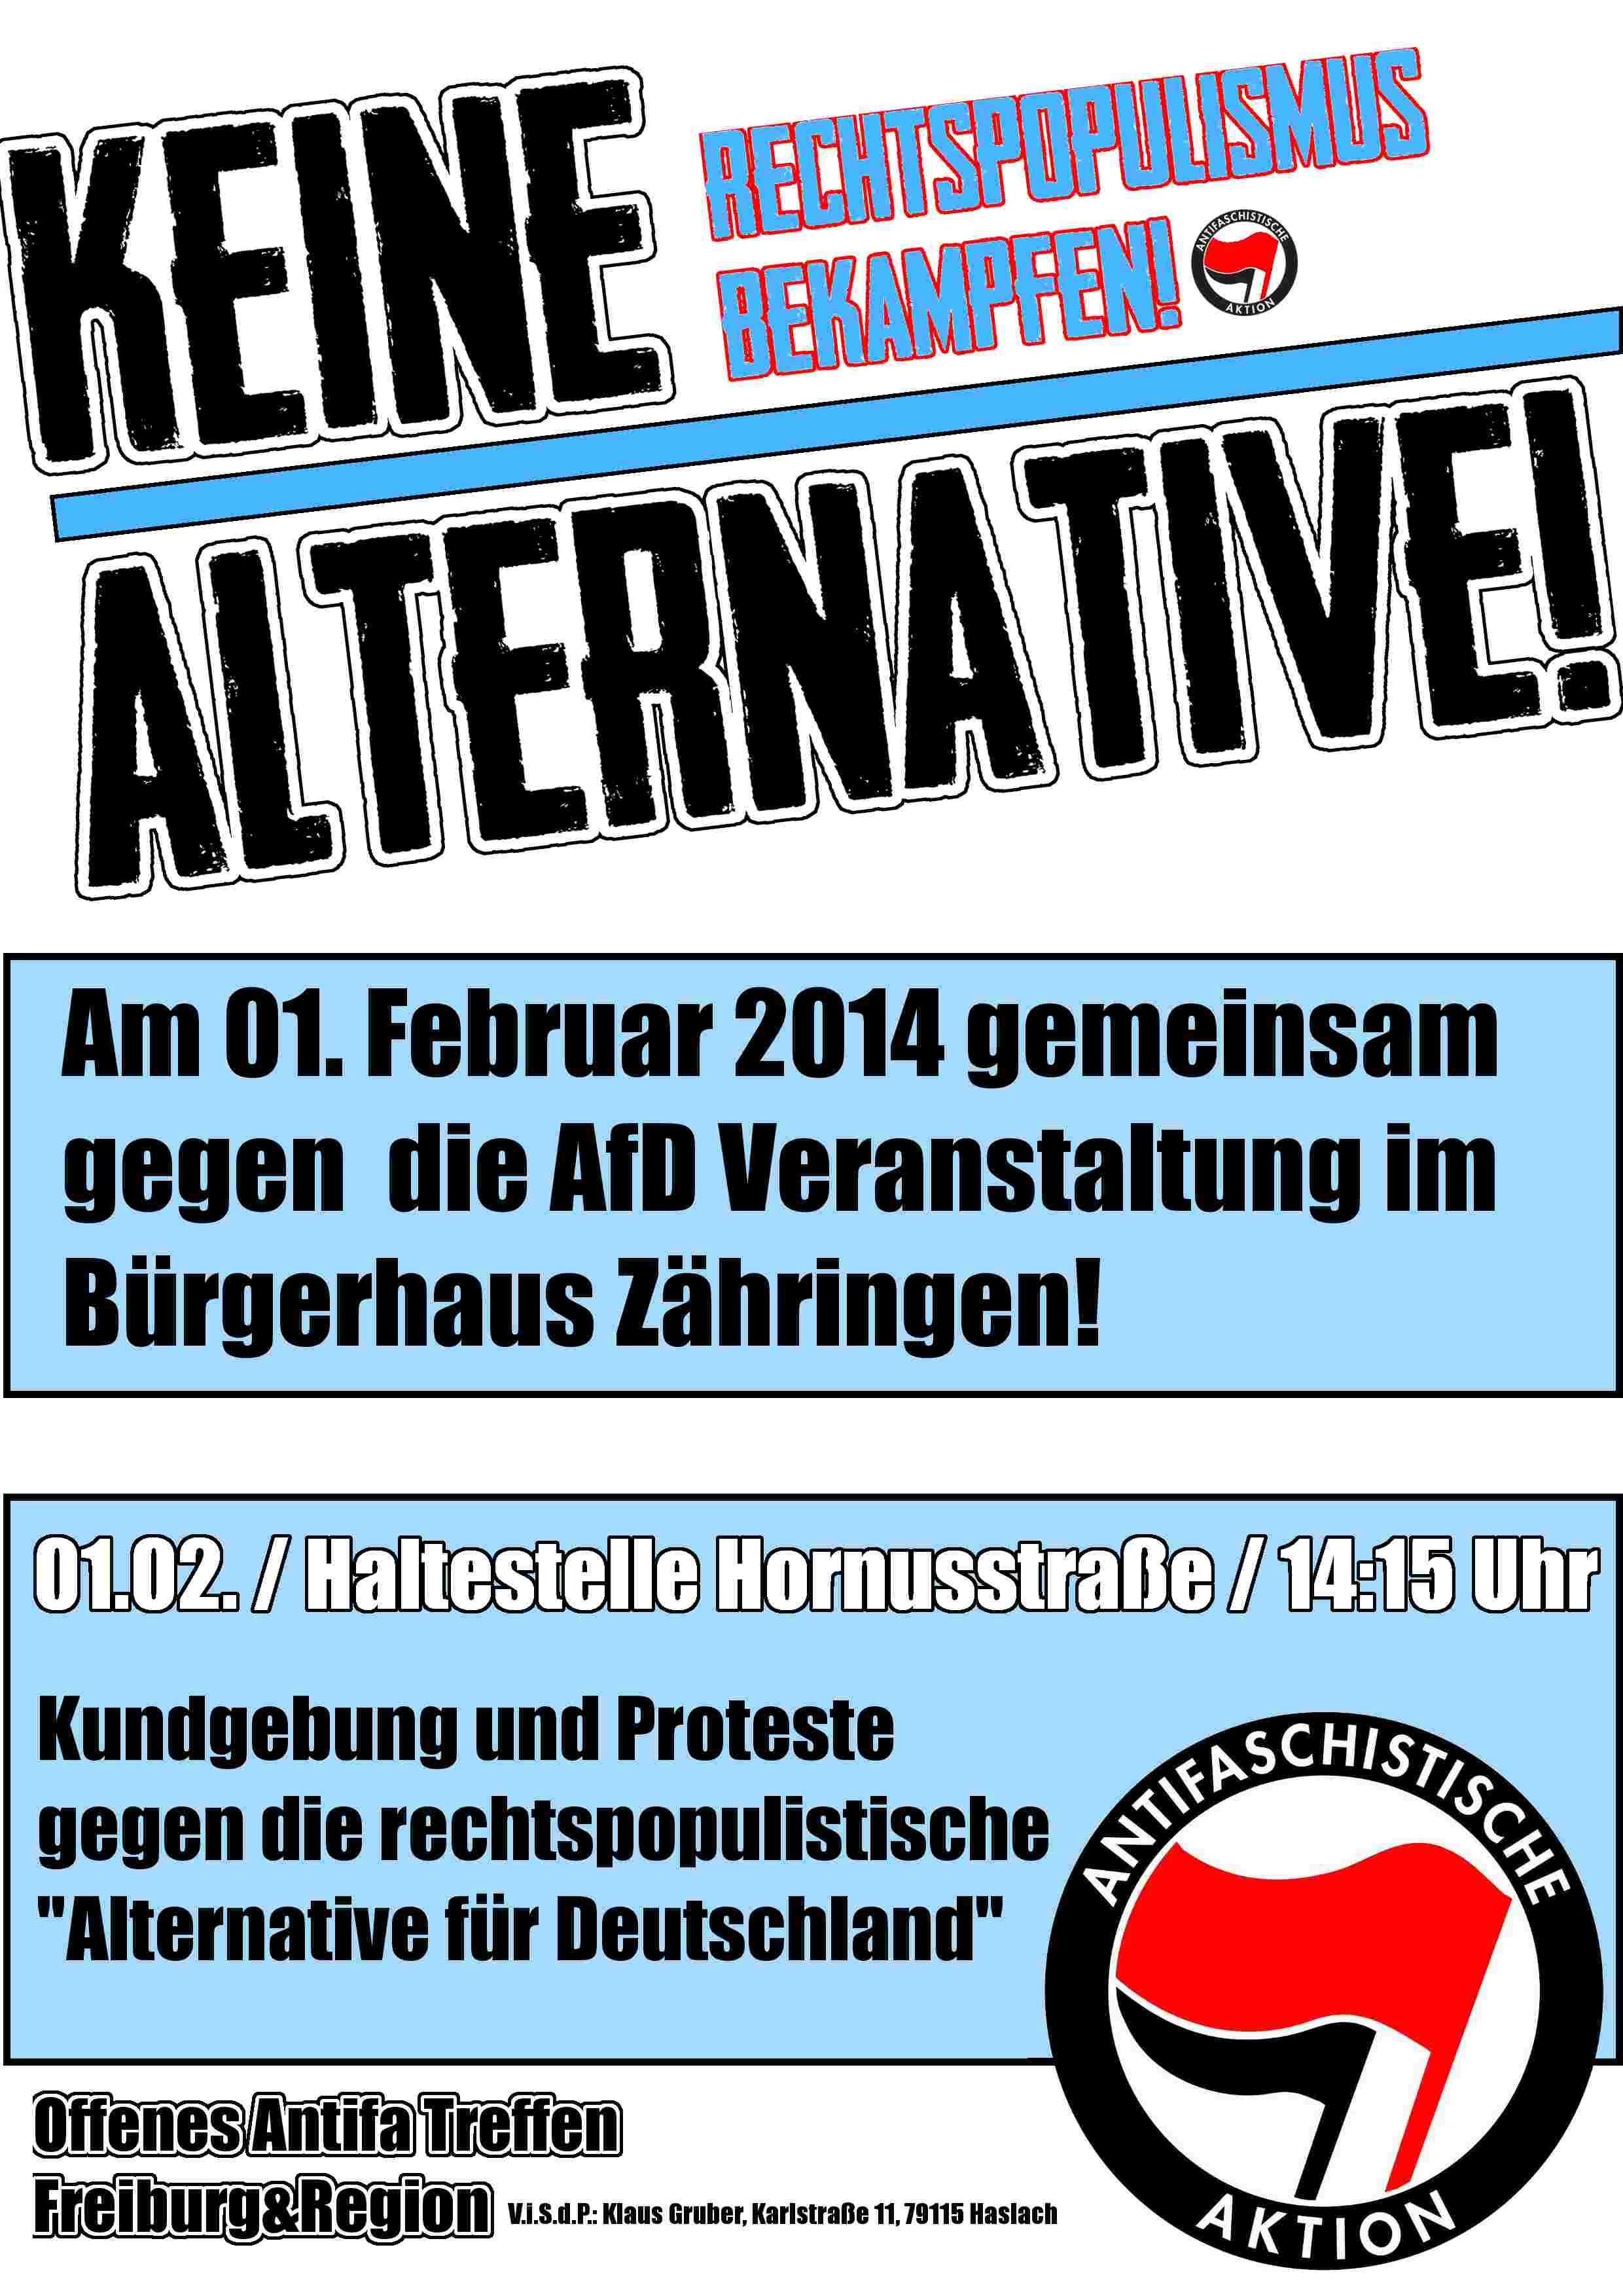 Keine falsche Alternative in Freiburg!